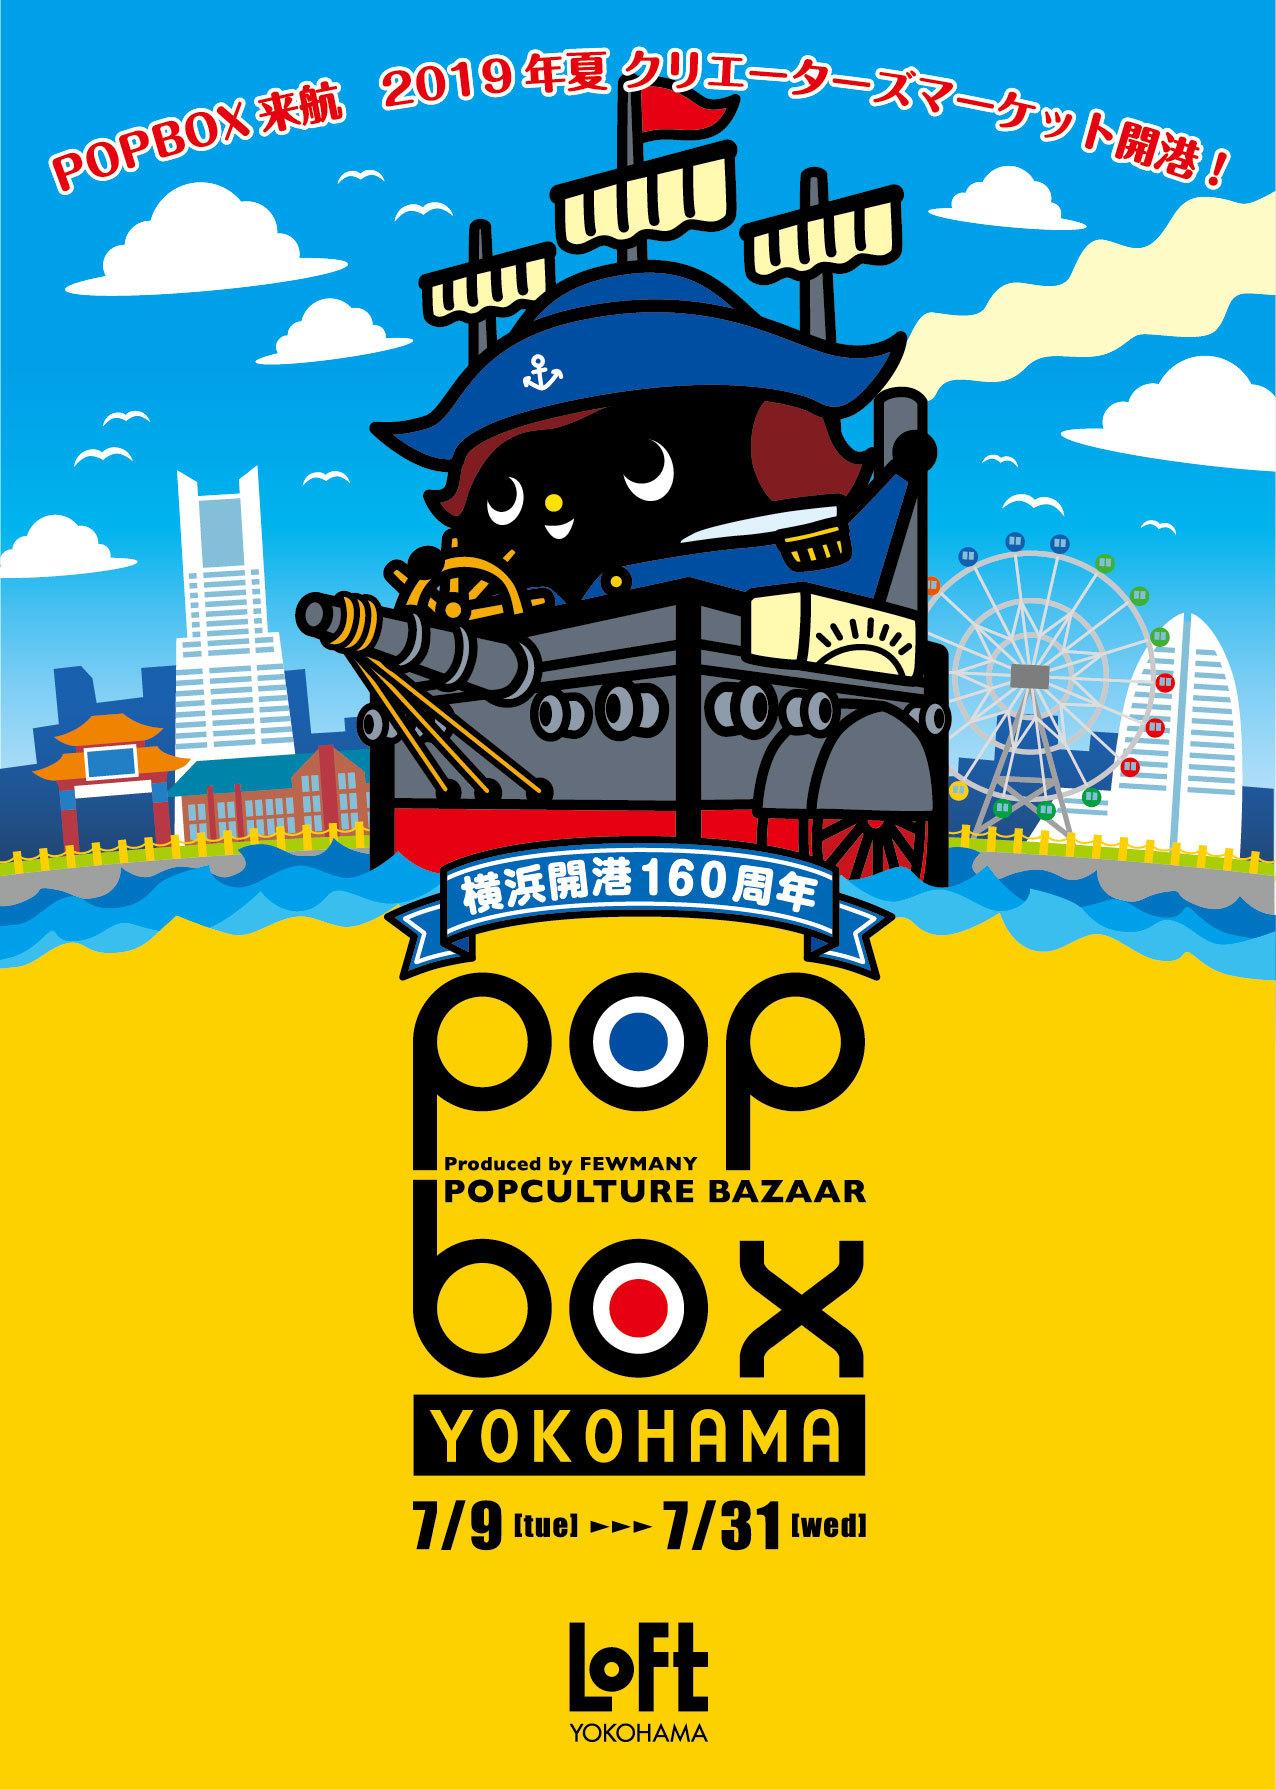 土屋みよさん・じゅんさん似顔絵イベント横浜POPBOXにて開催いたします!_f0010033_10481141.jpg